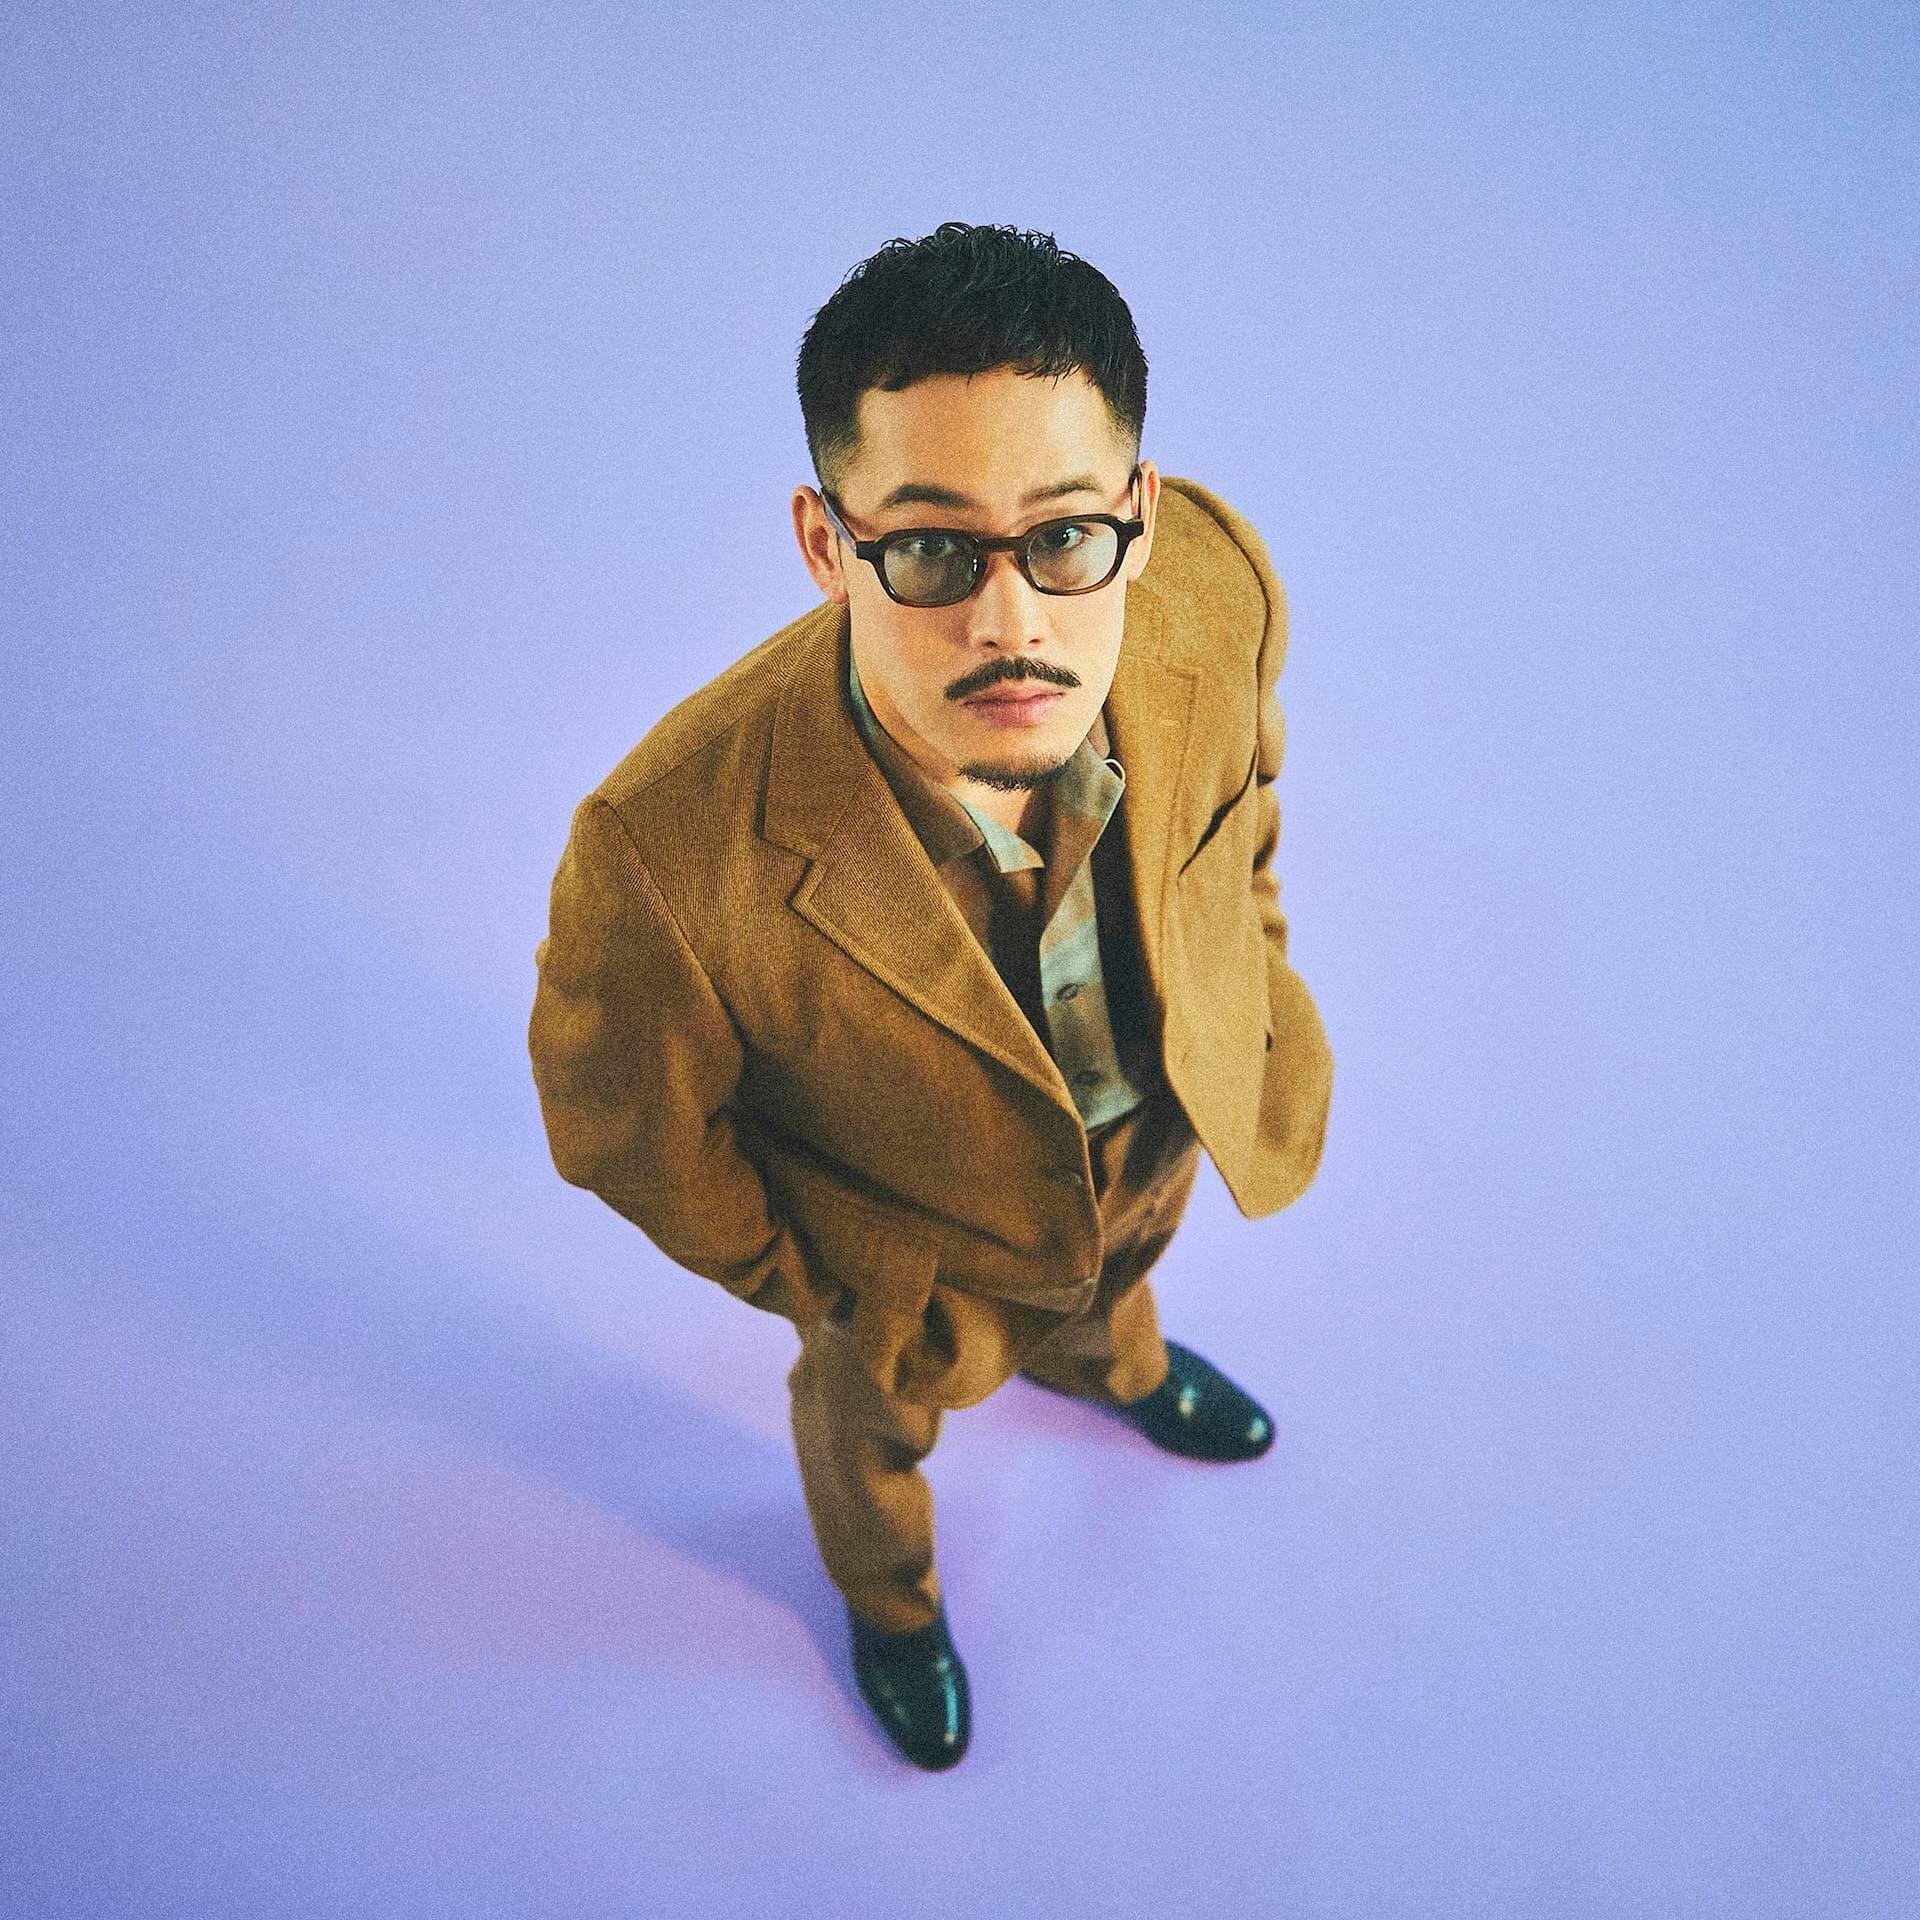 """YeYeがBASIをフィーチャリングした新曲""""おとな""""をリリース!TENDREがサウンドプロデュース music210421_yeye_basi_2"""